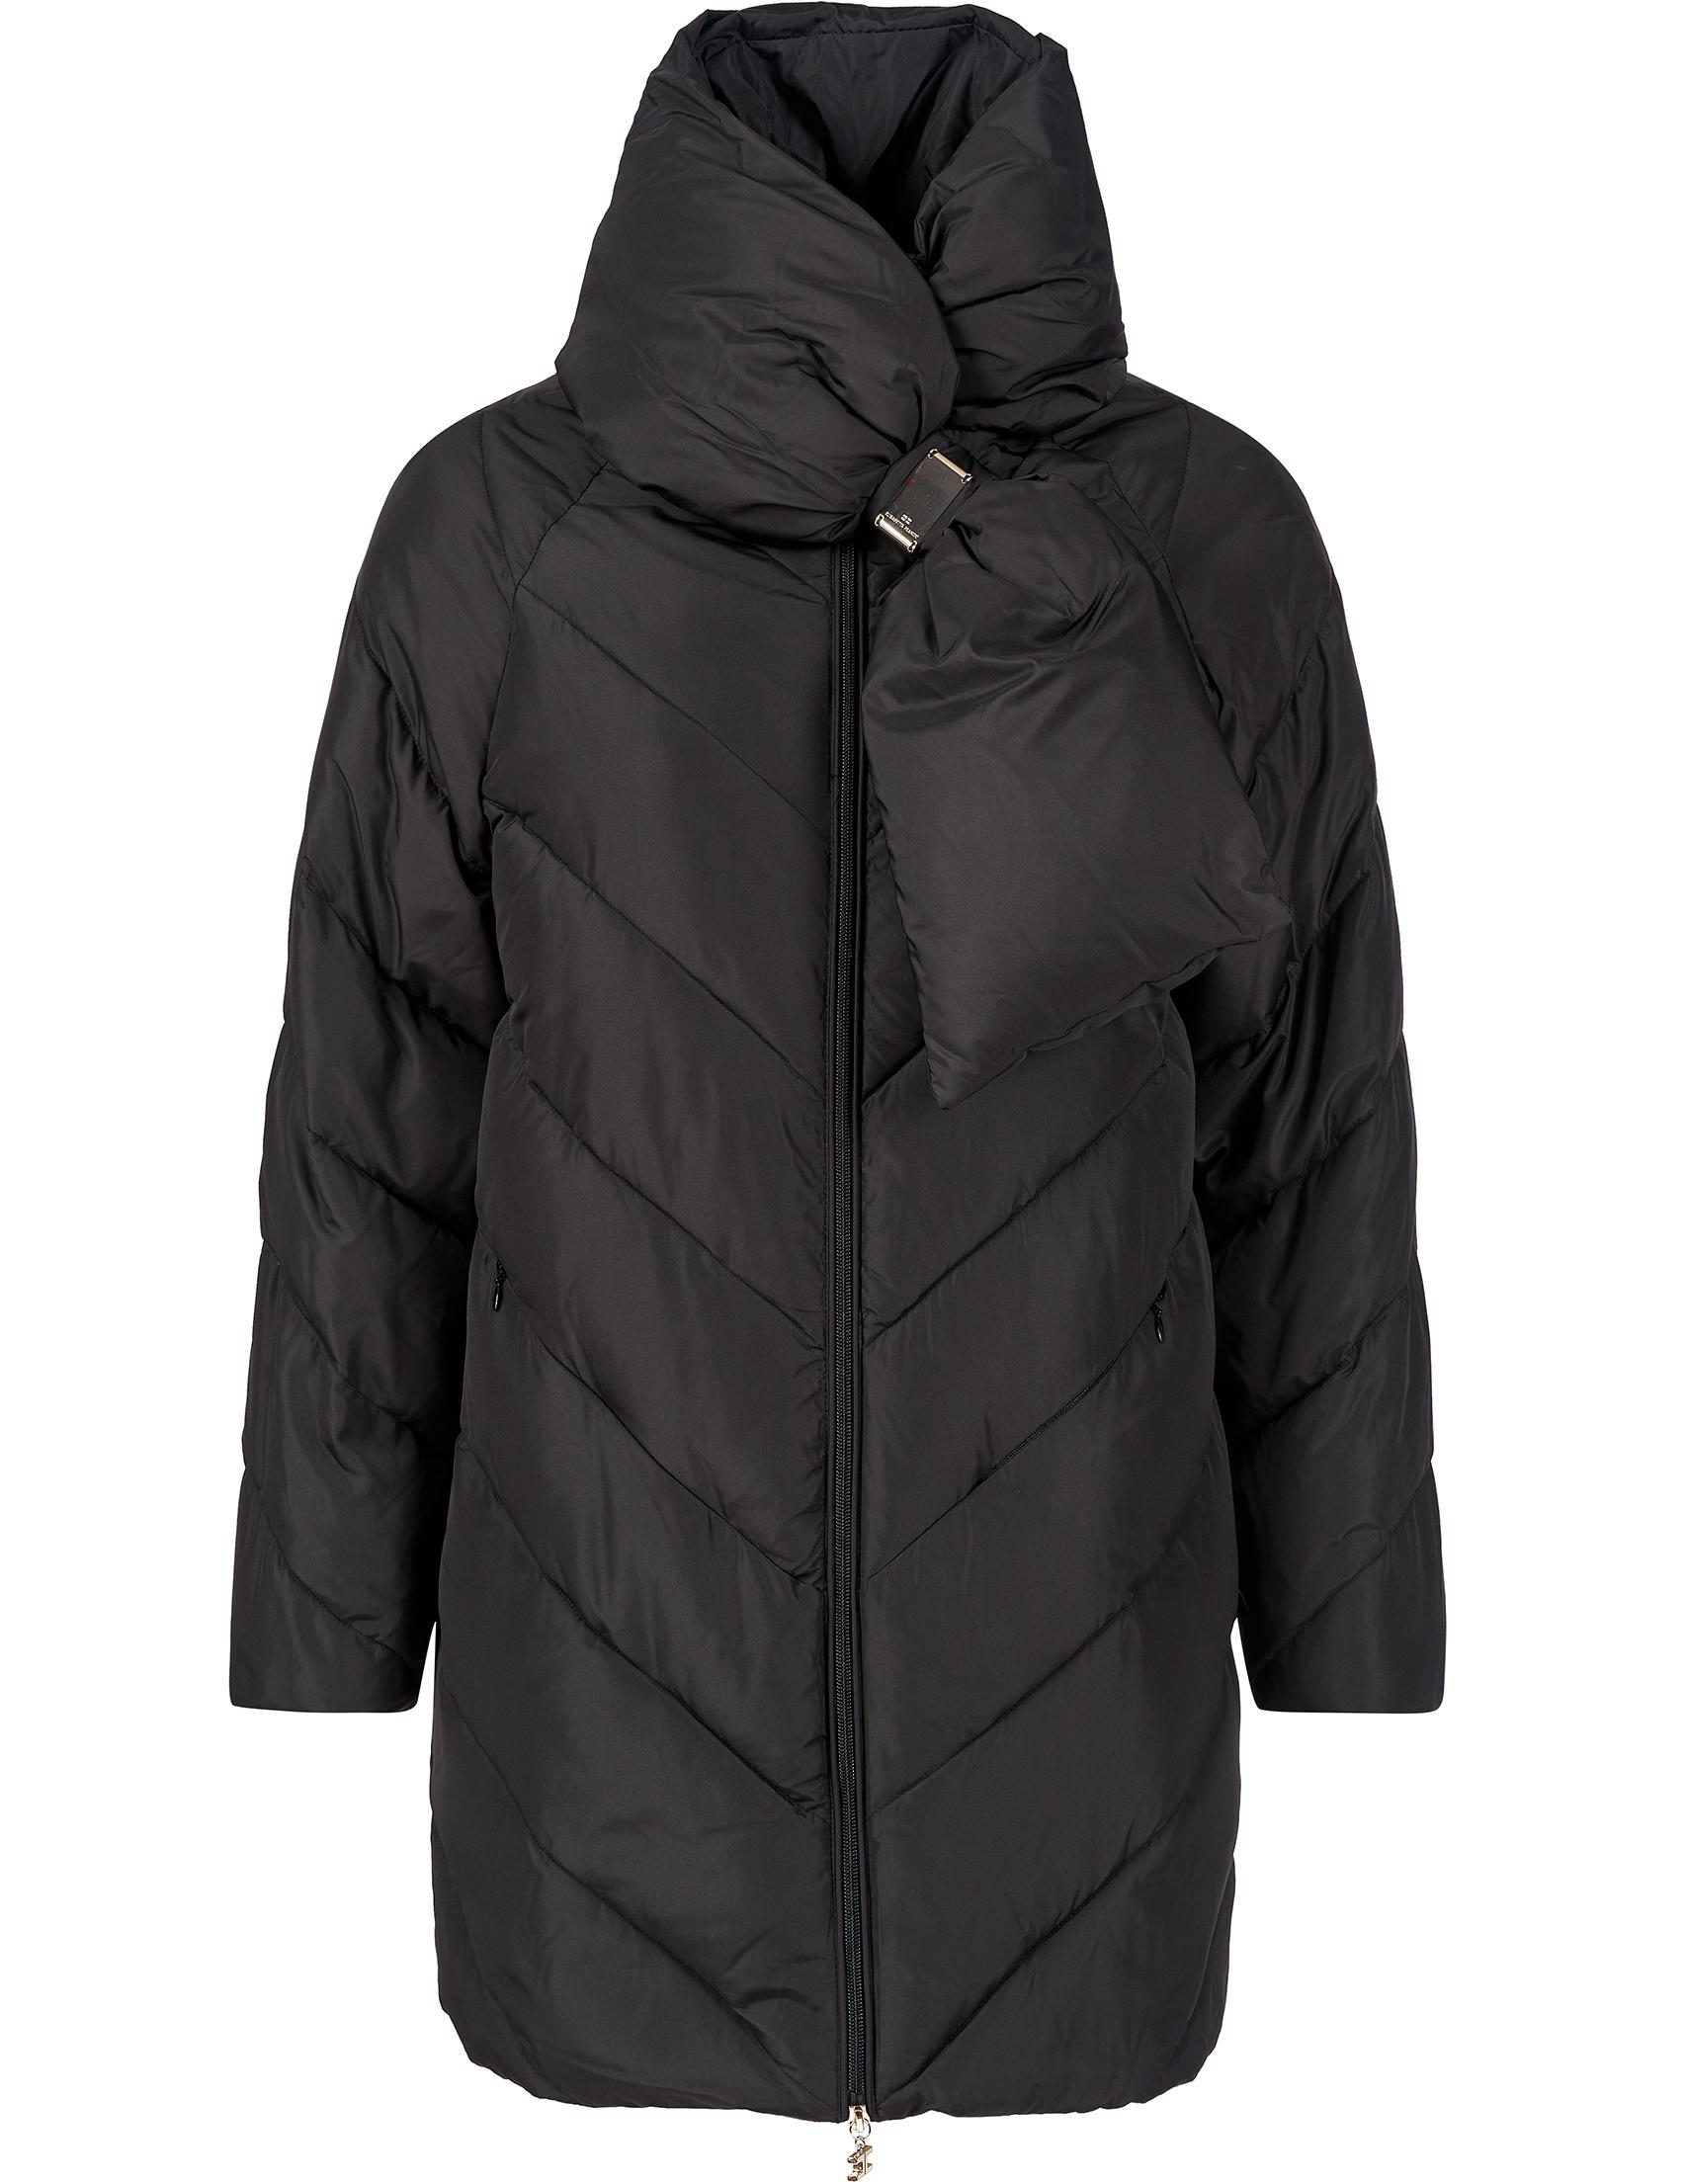 Купить Куртки, Куртка, ELISABETTA FRANCHI, Черный, 100%Полиэстер, Осень-Зима